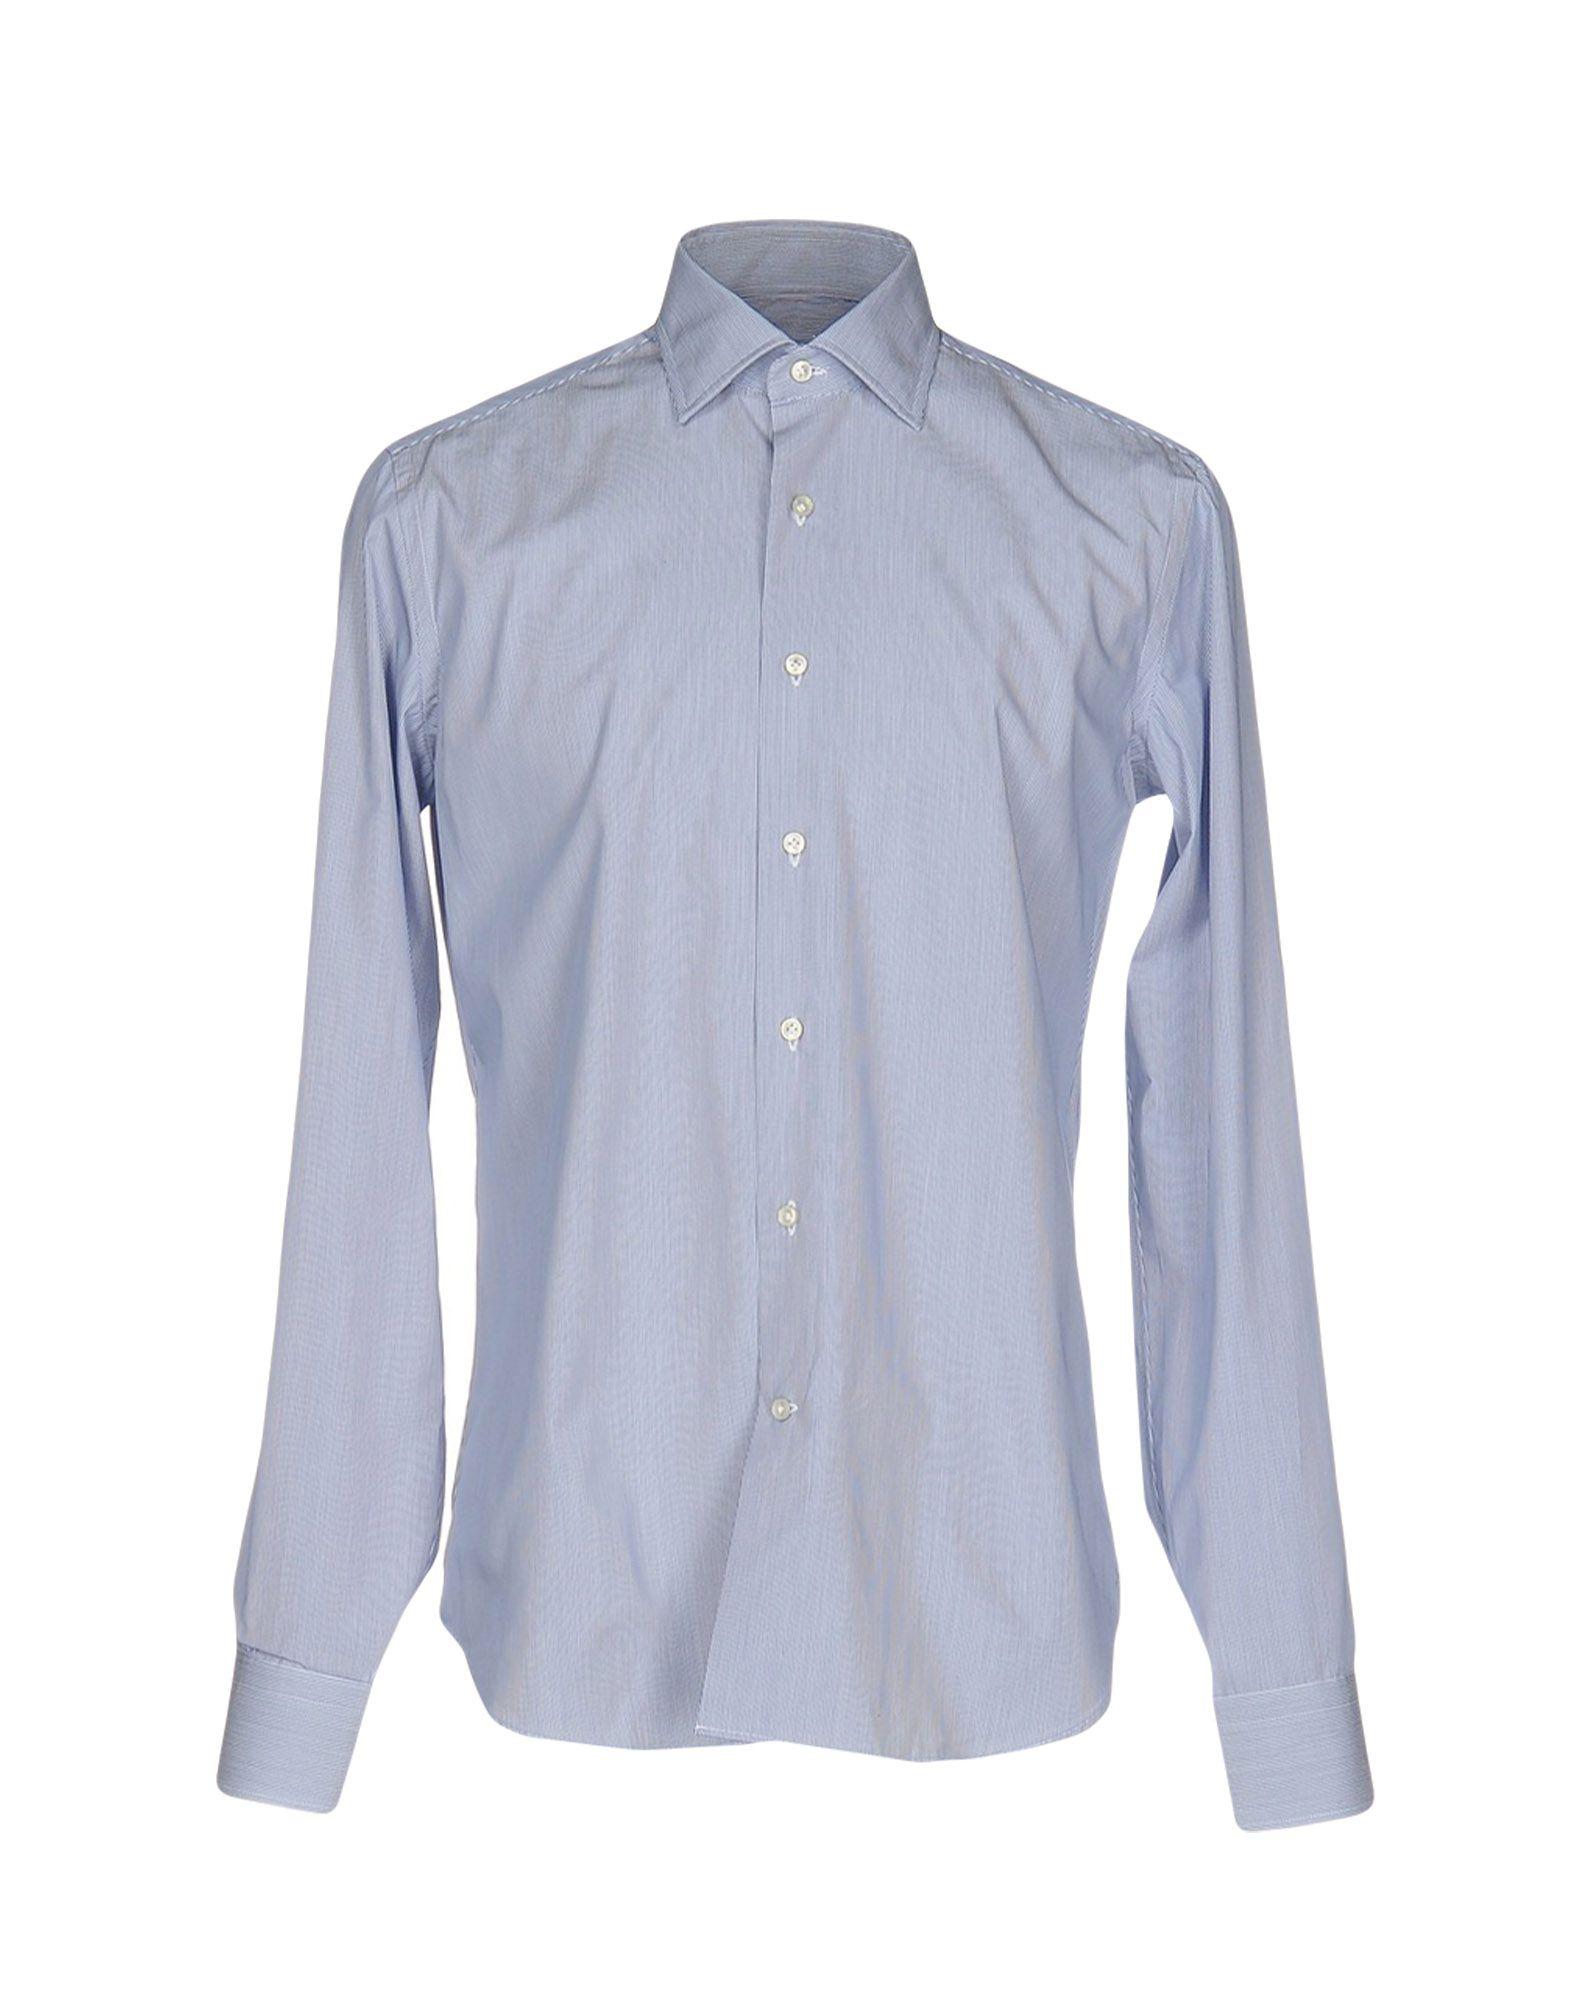 《送料無料》TT CAMICERIA DAL 1938 メンズ シャツ ブルー 40 コットン 100%